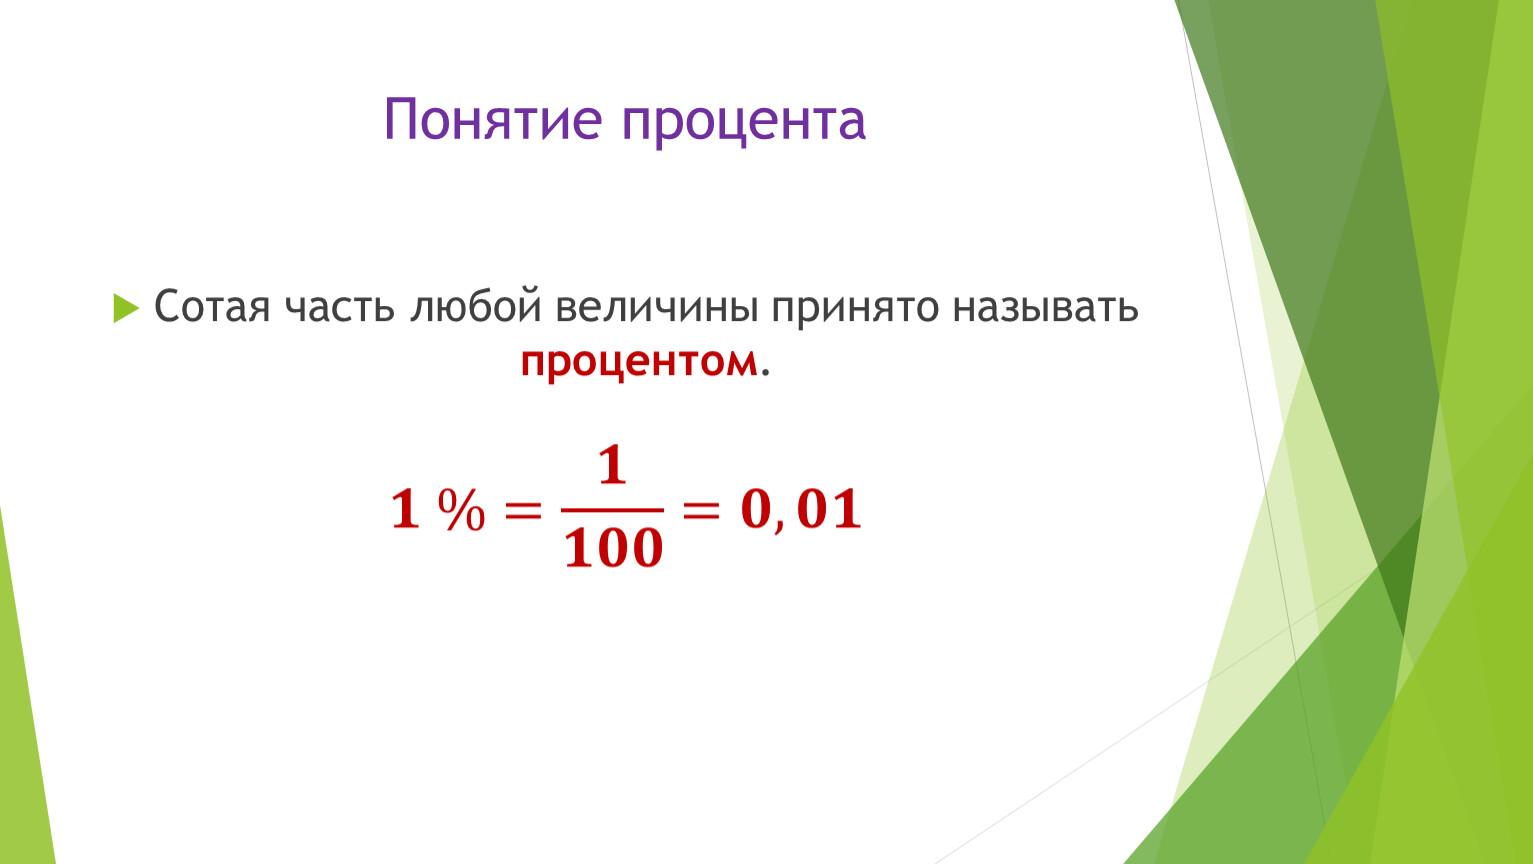 формула расчета простых процентов по займу